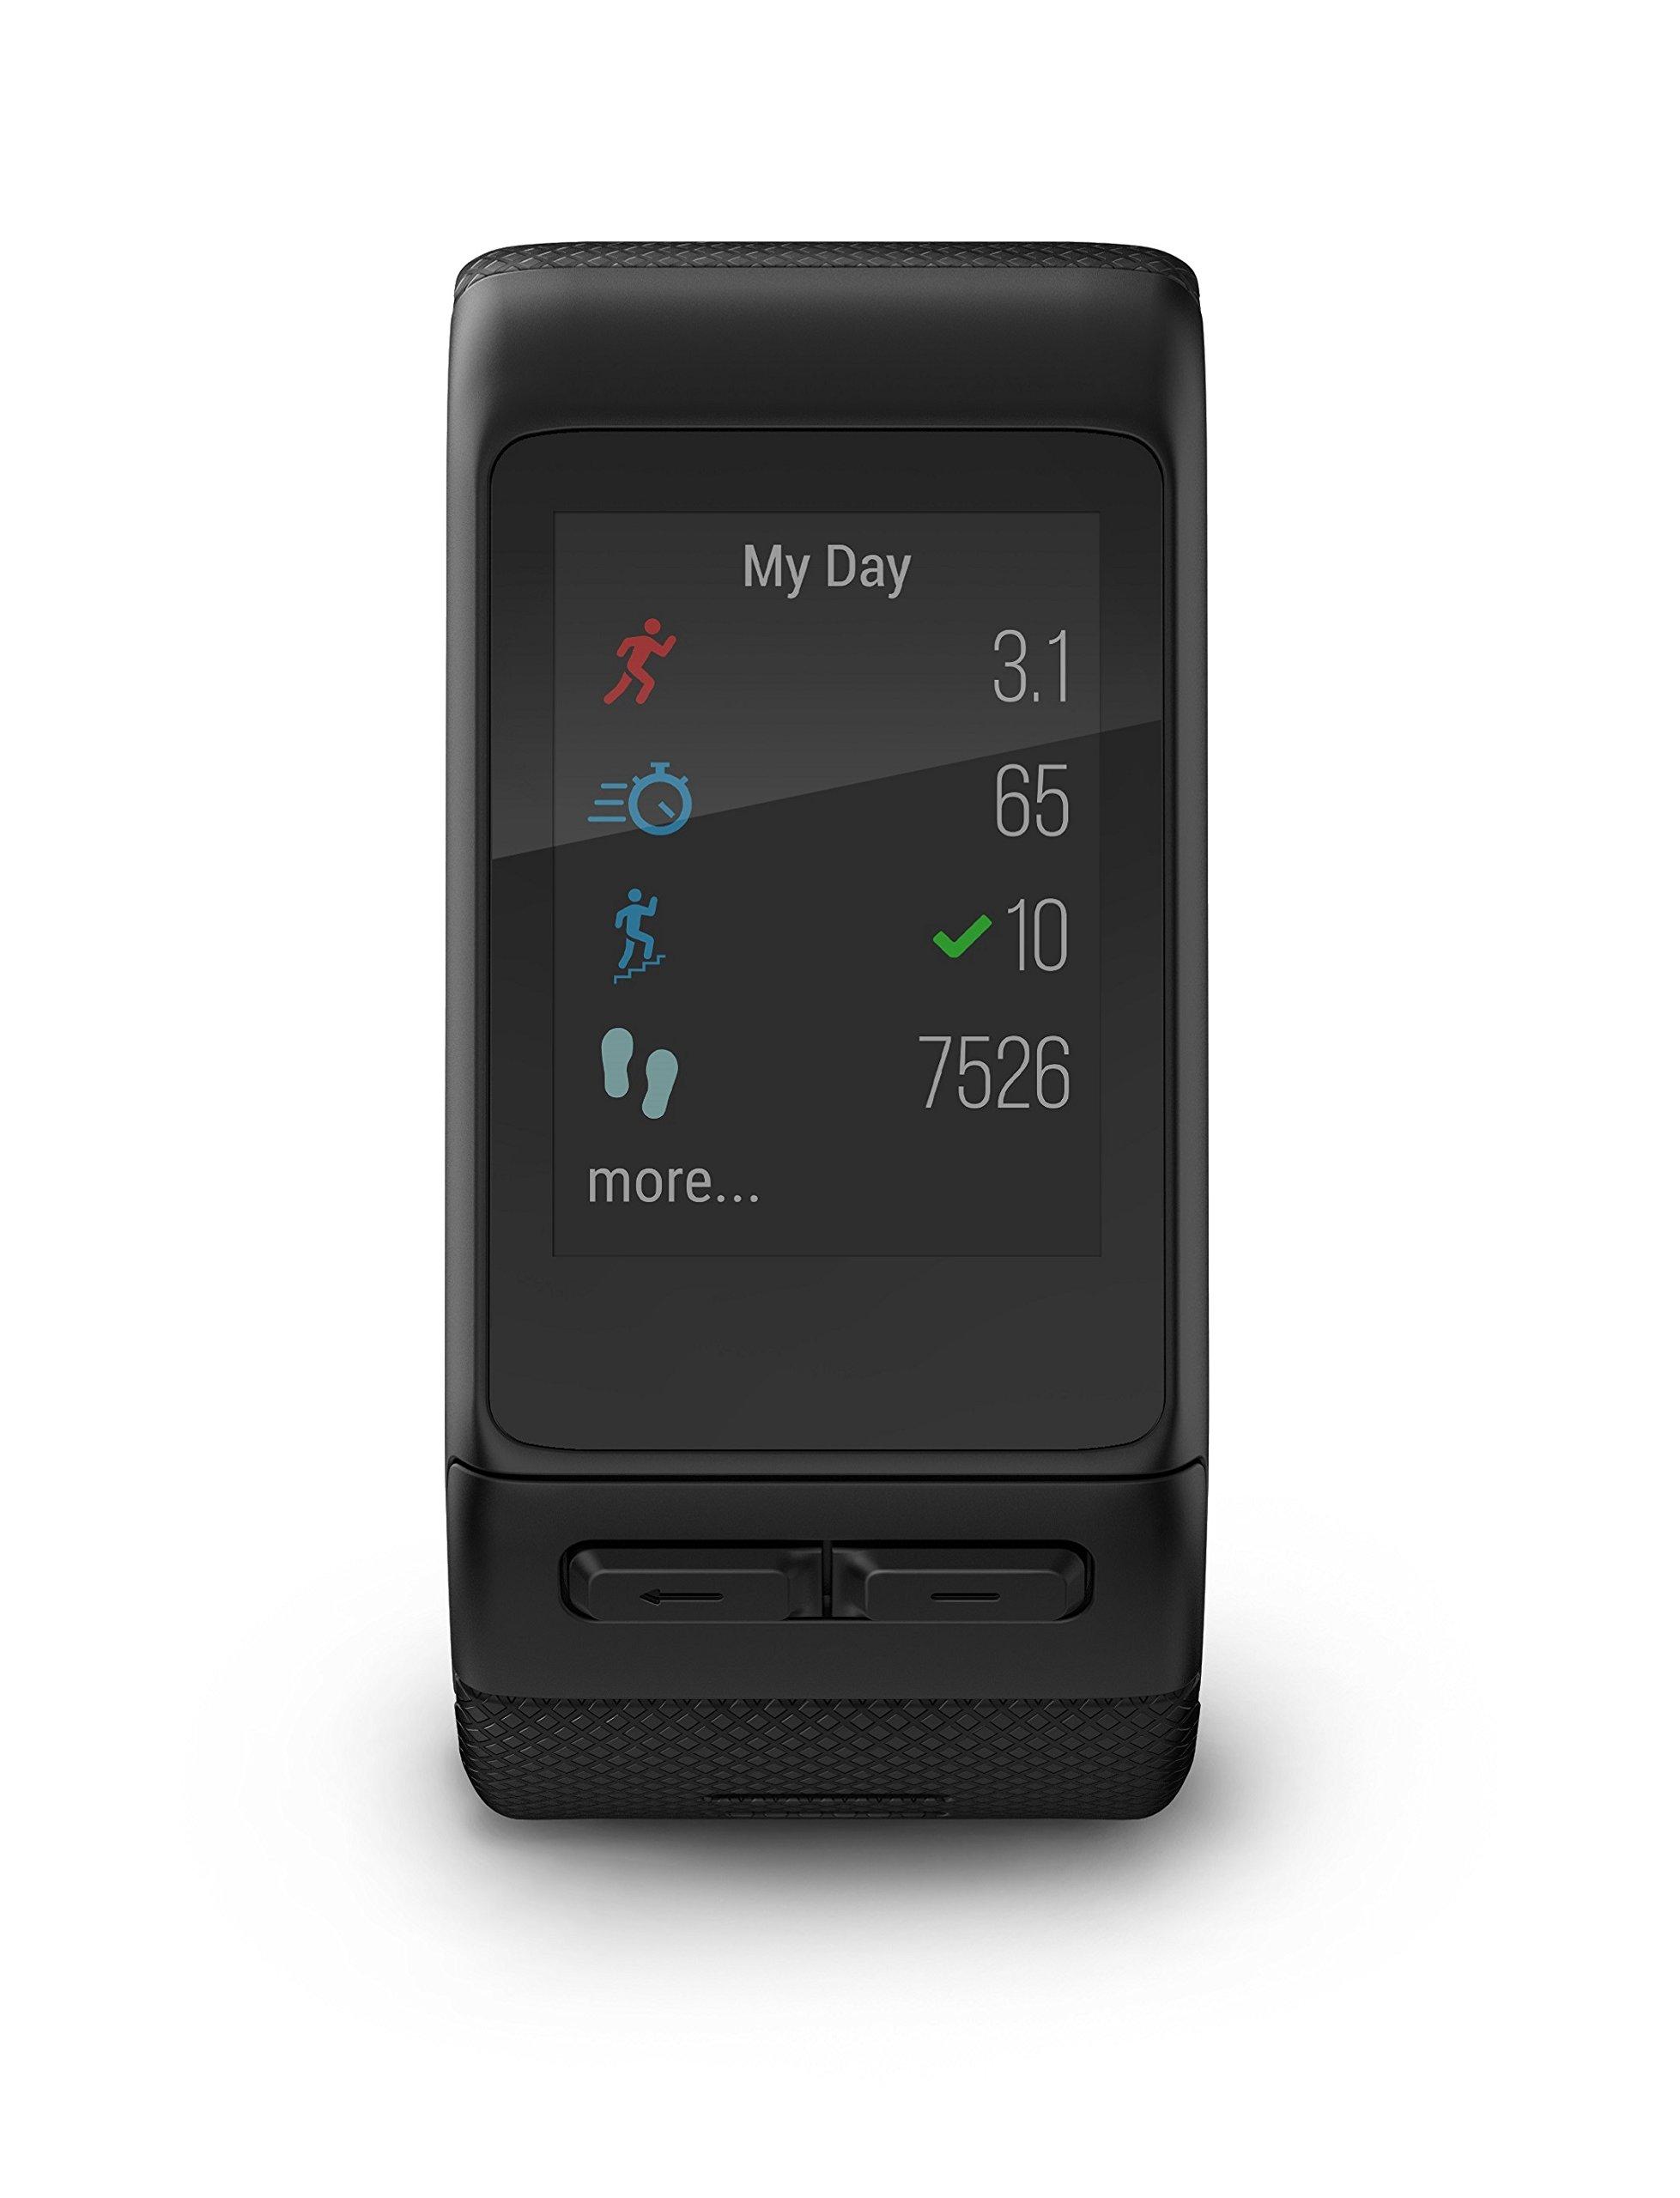 Garmin Vivoactive HR Regular Smartwatch con Cardio al Polso, Profili d'Attività Fisica, Cinturino Regular (M-L), Nero 3 spesavip